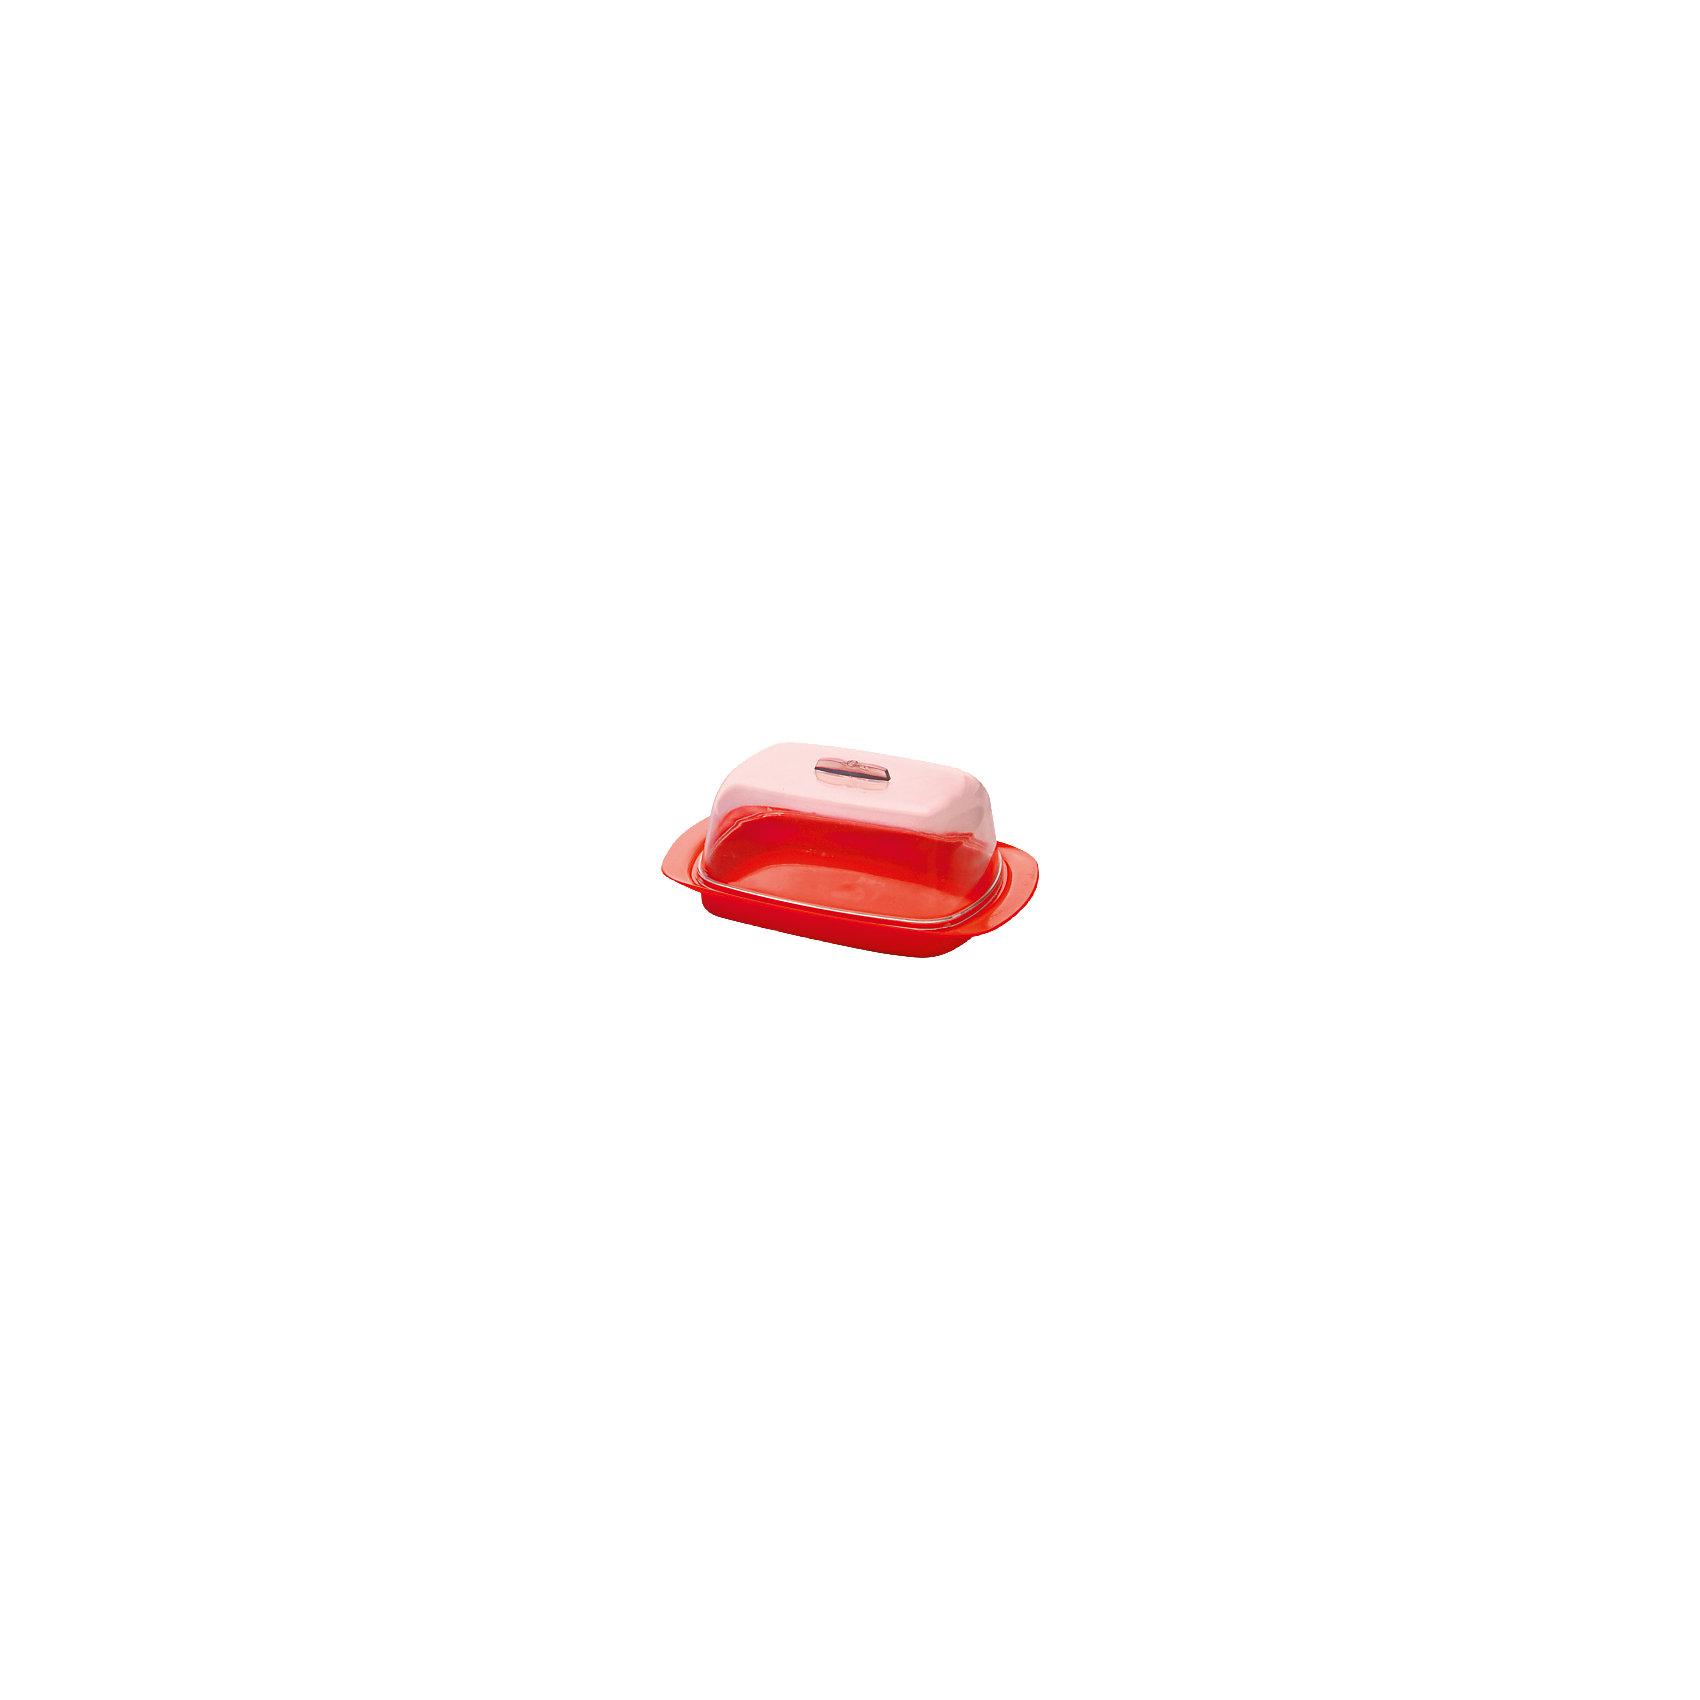 Масленка малая, Plastic CentreПосуда<br>Масленка малая, PlasticCentre<br><br>Характеристики:<br><br>• Материал: пластик<br>• Цвет: красная<br>• В комплекте: 1 штука<br>• Размер: 17х7х11,5 см<br><br>Эта удобная масленка станет прекрасным дополнением к стилю вашей кухни. Масленка имеет лаконичный дизайн и приятную цветовую гамму, а так же снабжена удобной крышкой, которая не пропускает запахи. Она изготовлена из высококачественных материалов, которые не влияют на вкус и запах хранящихся в ней продуктов.<br><br>Масленка малая, PlasticCentre можно купить в нашем интернет-магазине<br><br>Ширина мм: 170<br>Глубина мм: 70<br>Высота мм: 115<br>Вес г: 106<br>Возраст от месяцев: 216<br>Возраст до месяцев: 1188<br>Пол: Унисекс<br>Возраст: Детский<br>SKU: 5545666